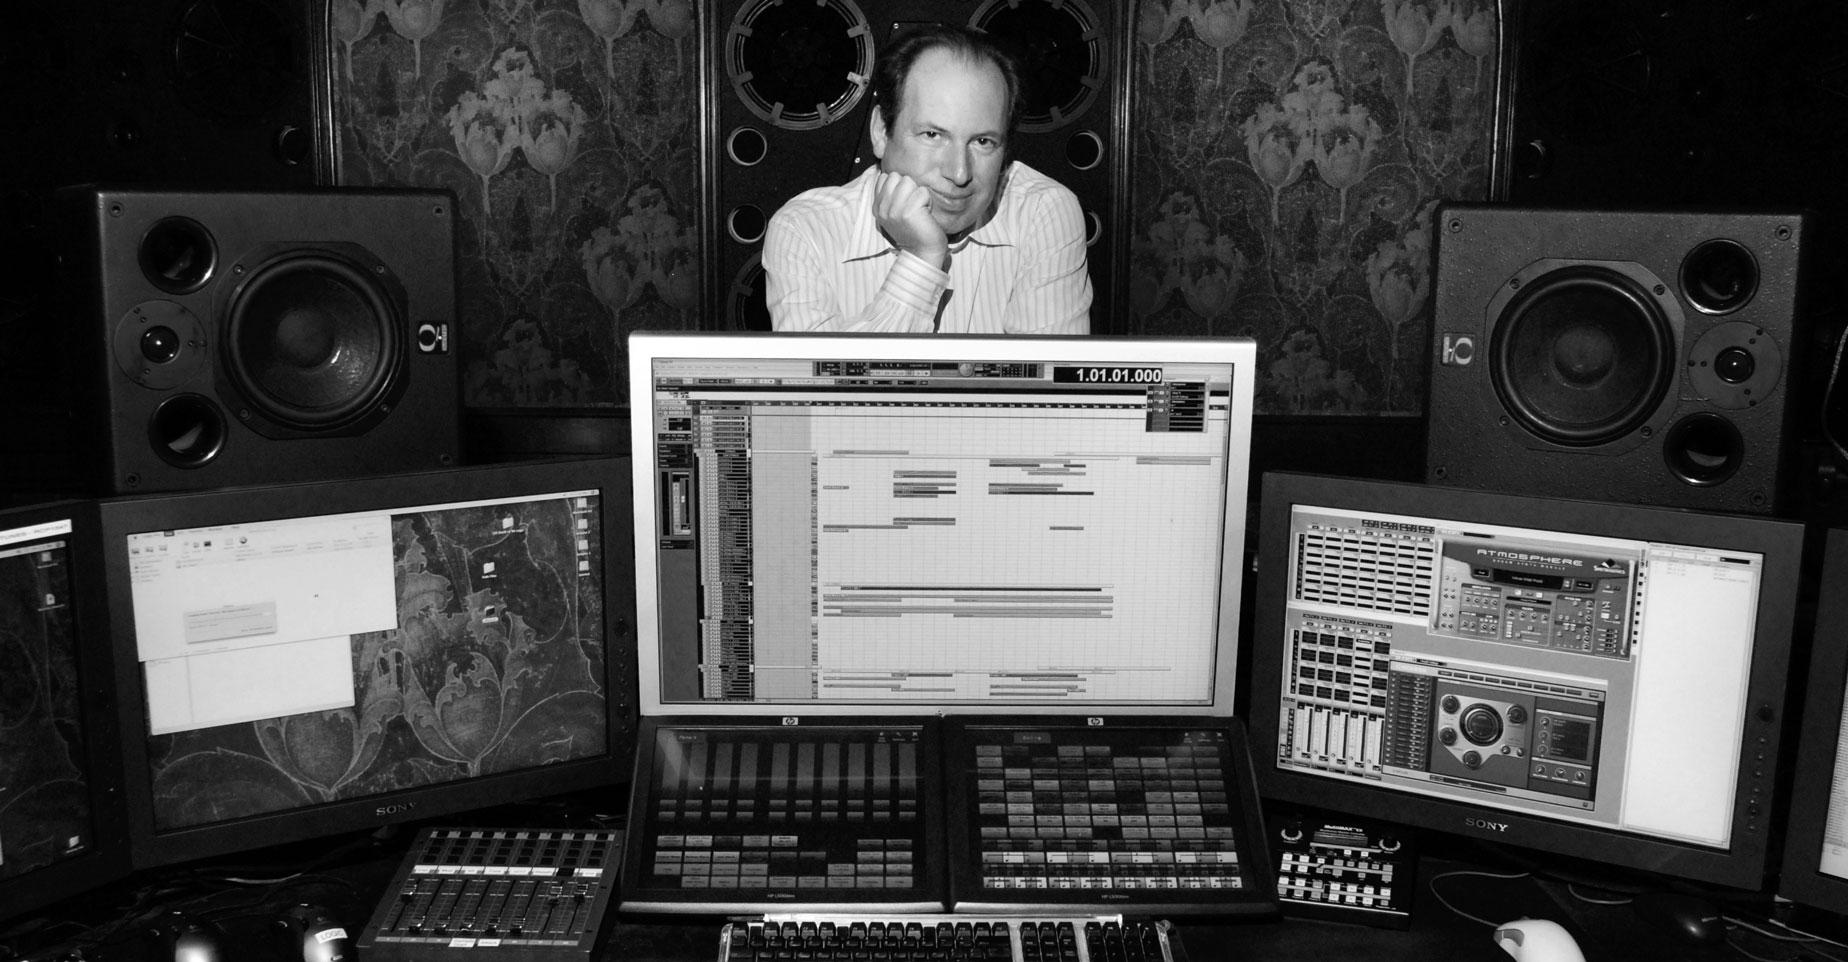 هانس زیمر آهنگساز افسانه ای سینما در فستیوال Coachella اجرا خواهد کرد